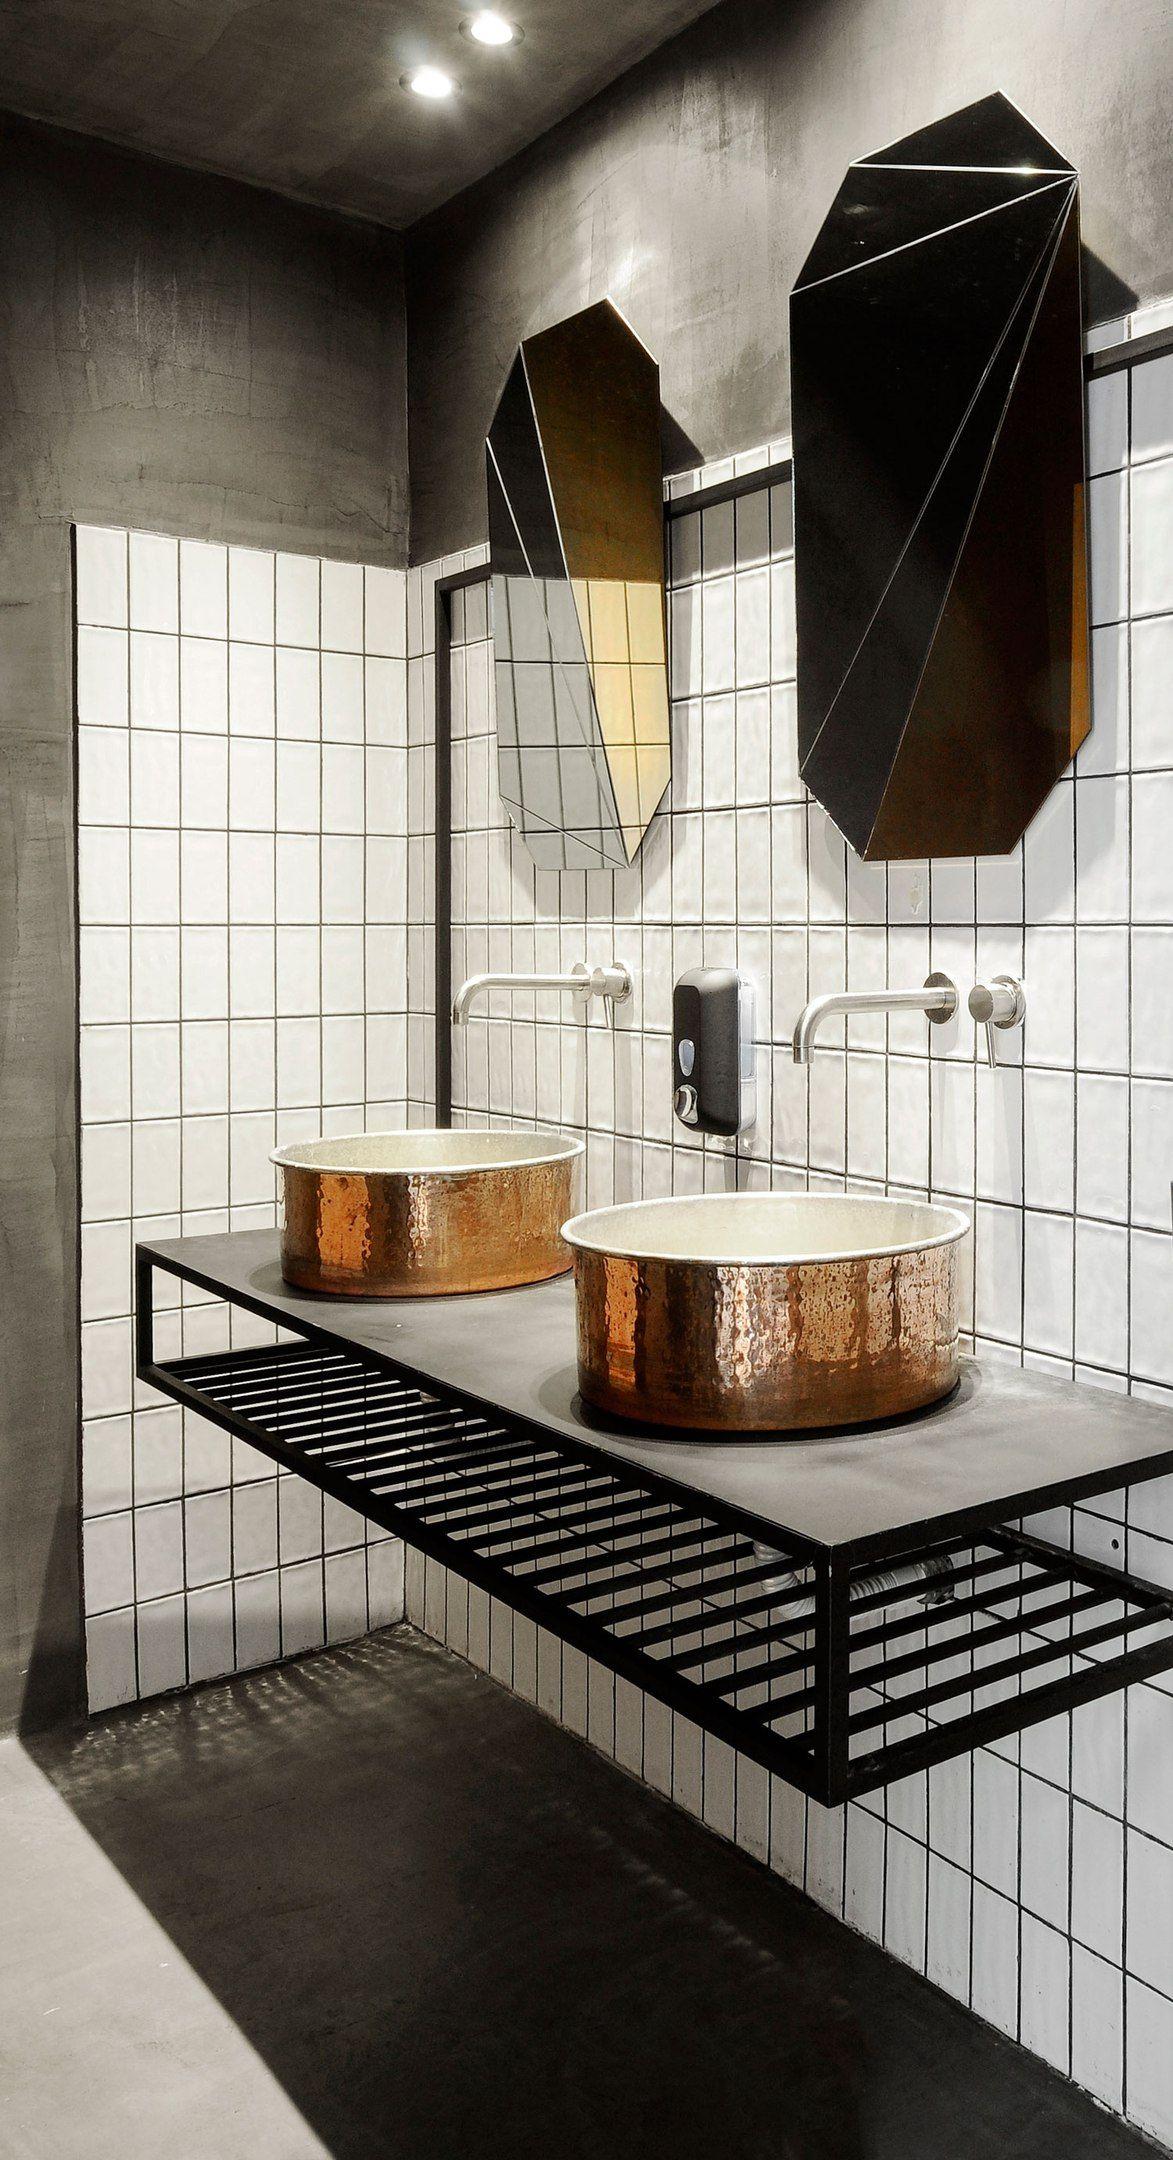 Badezimmer-eitelkeiten mit spiegeln Диалоги  badezimmer  pinterest  badezimmer innenarchitektur und